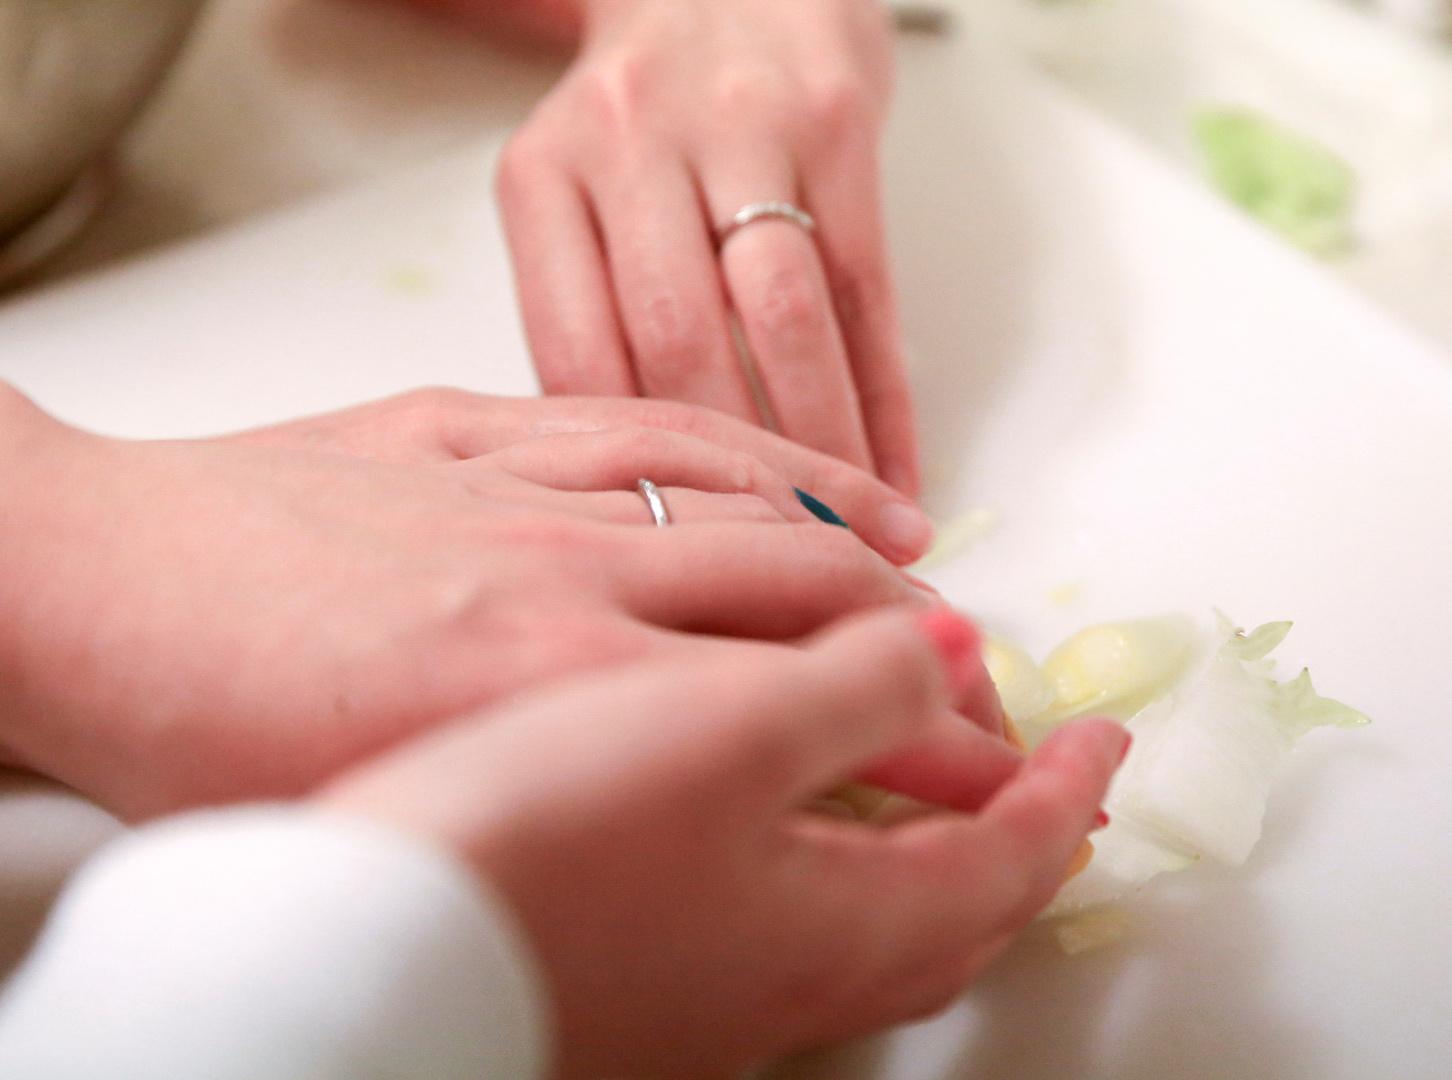 إيقاف إبرام عقود الزواج بصفاقس في تونس